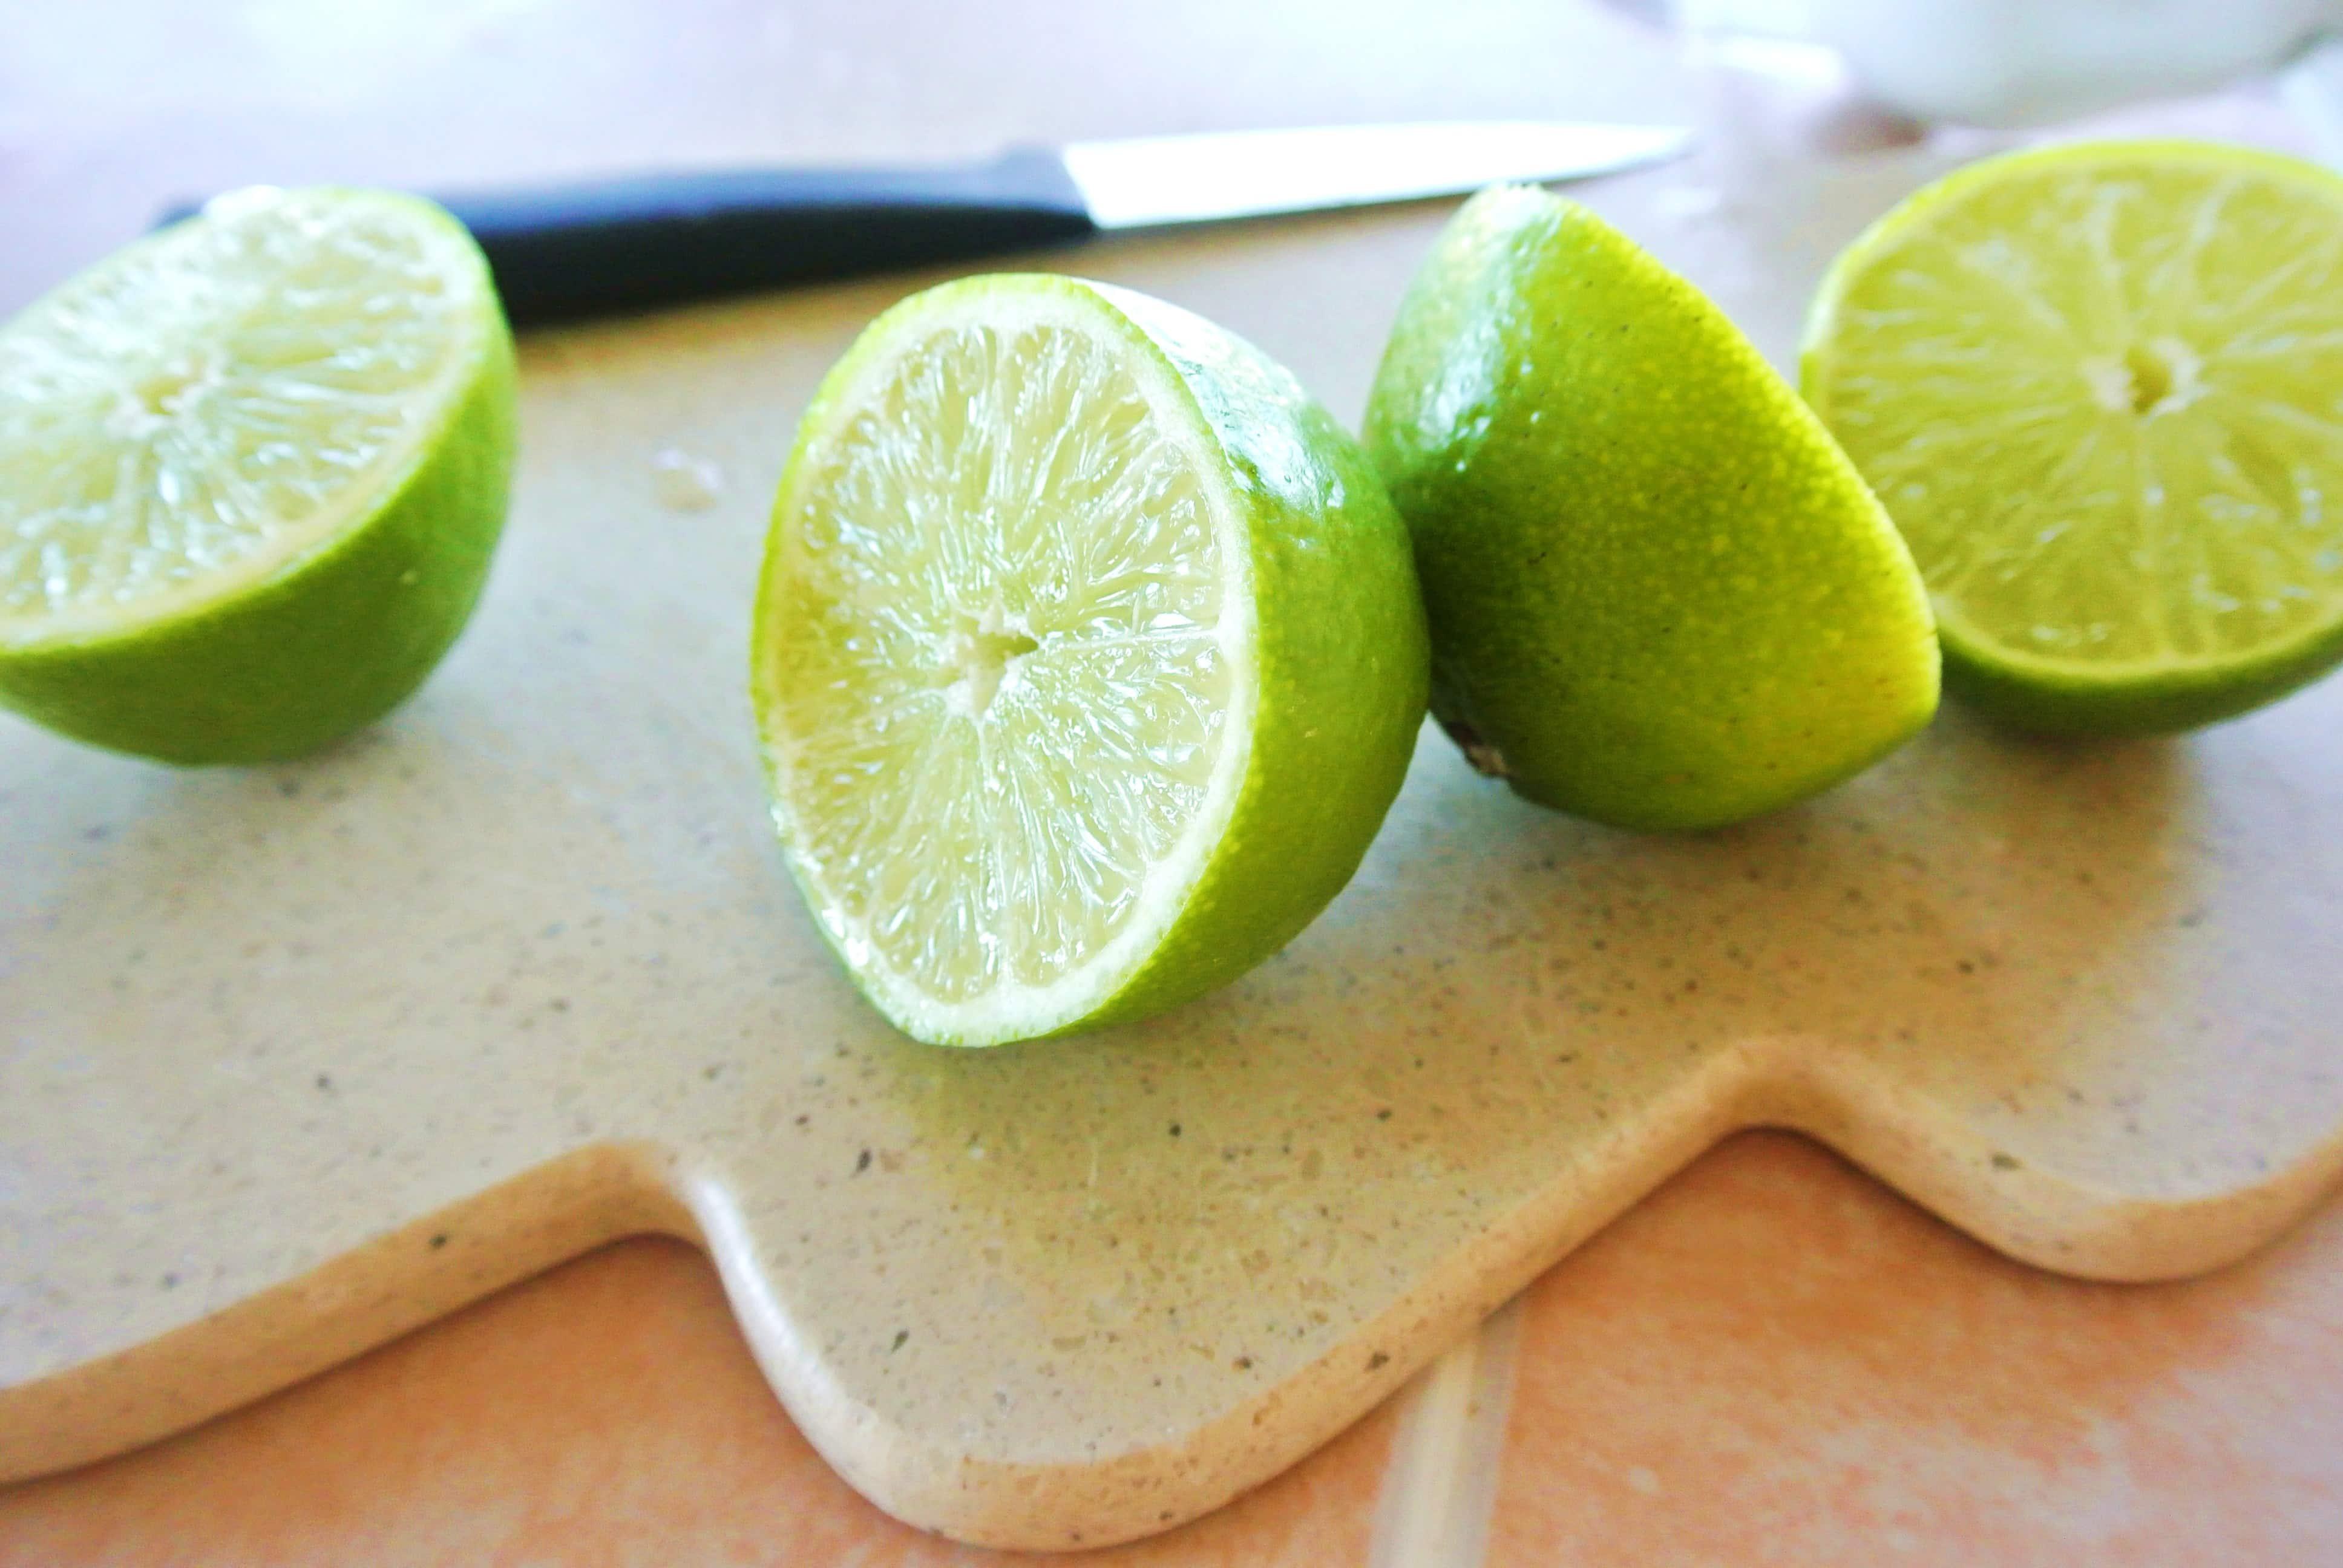 Fresh Florida Key Limes